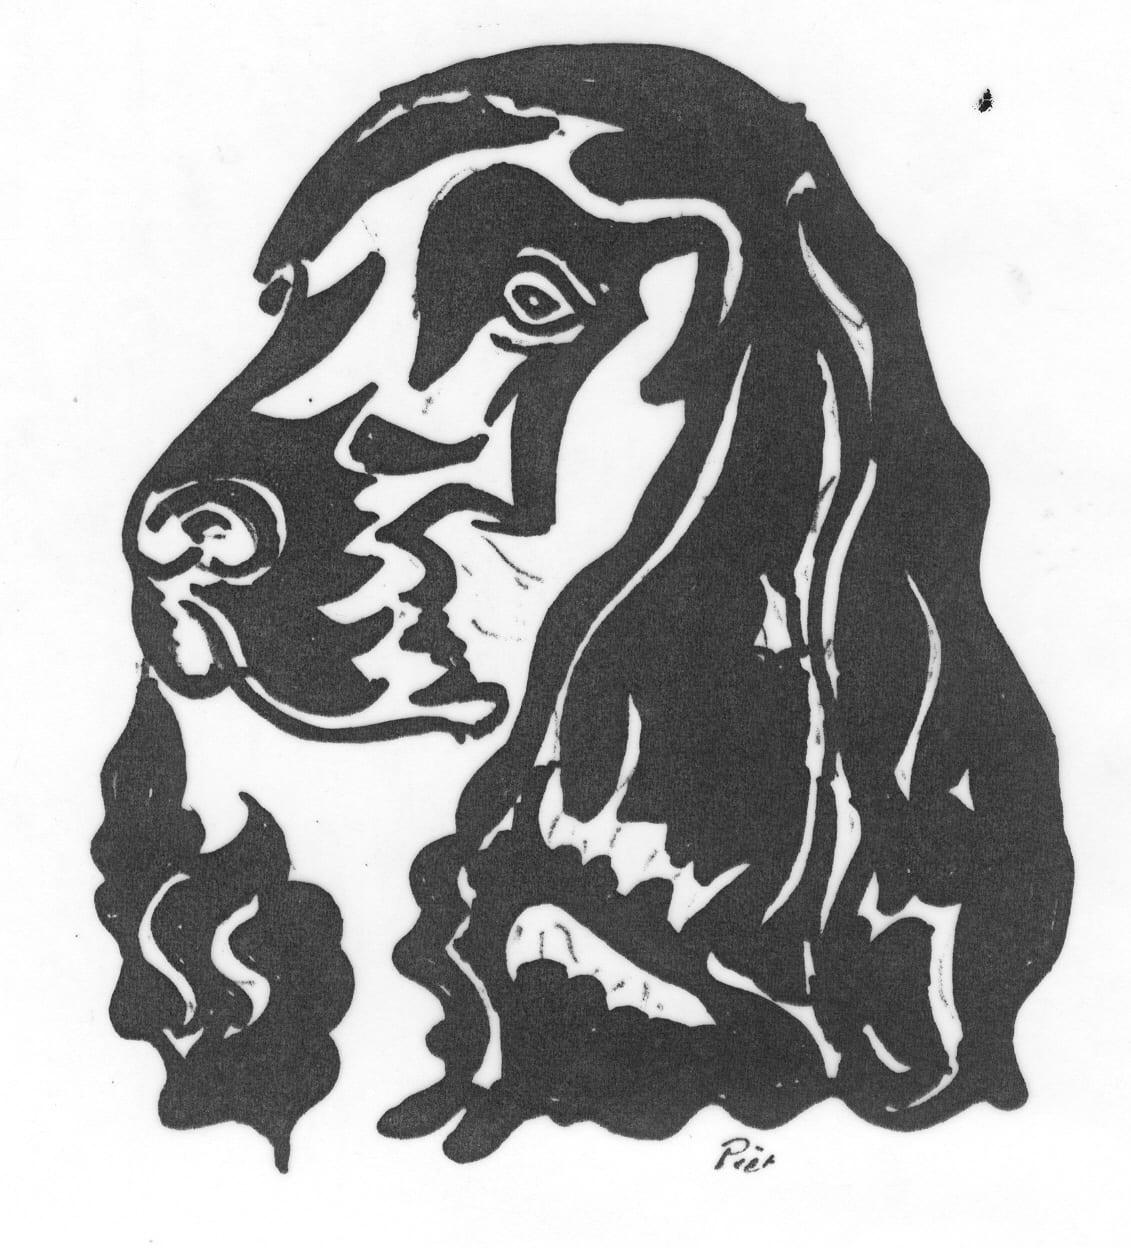 Een afbeelding van een hond die kan worden gezandstraald op een grafmonument